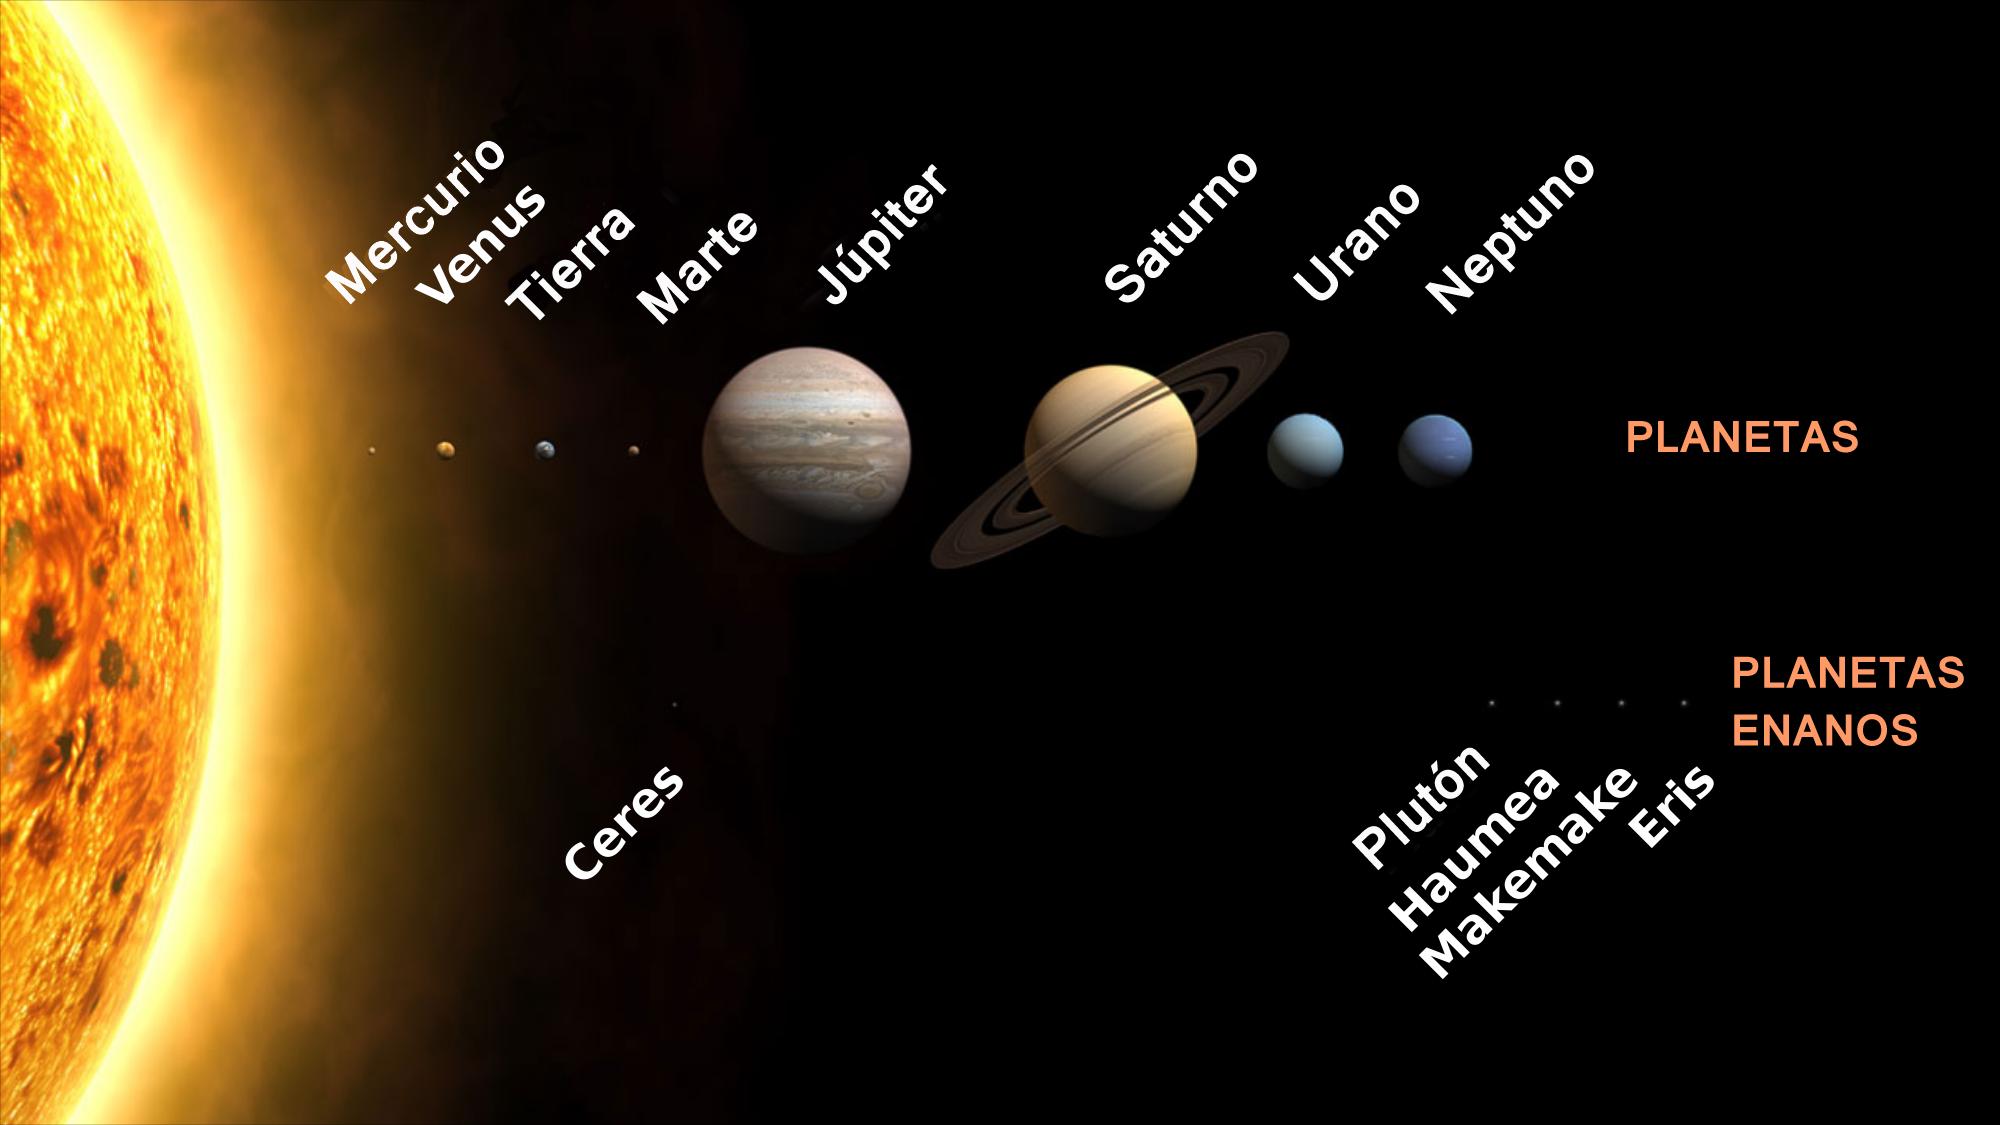 Nombre de los planetas